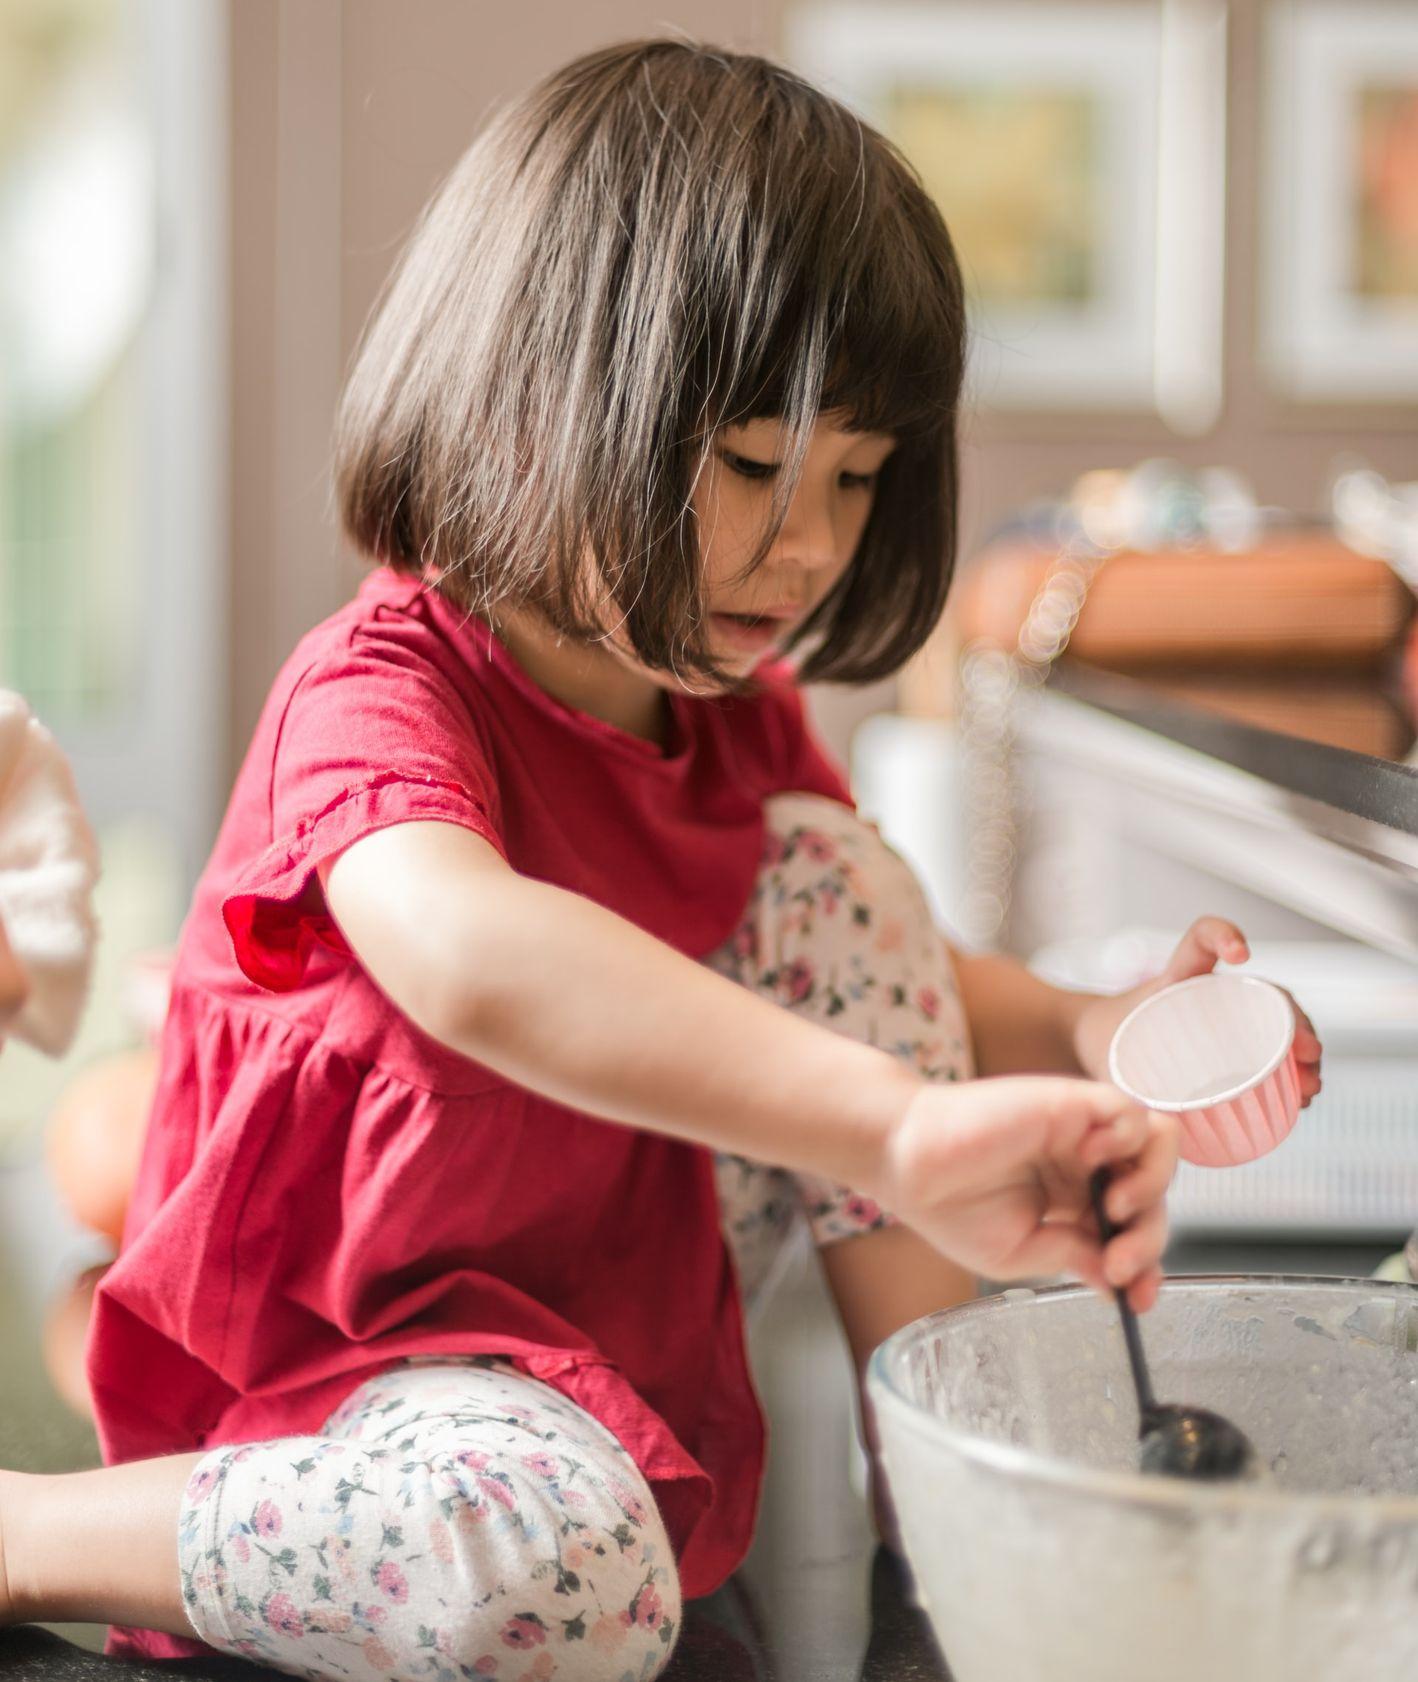 Dziewczynka mieszająca ciasto, dzieci w kuchni, wspólne gotowanie (fot. Tanaphong Toochinda / unsplash.com)